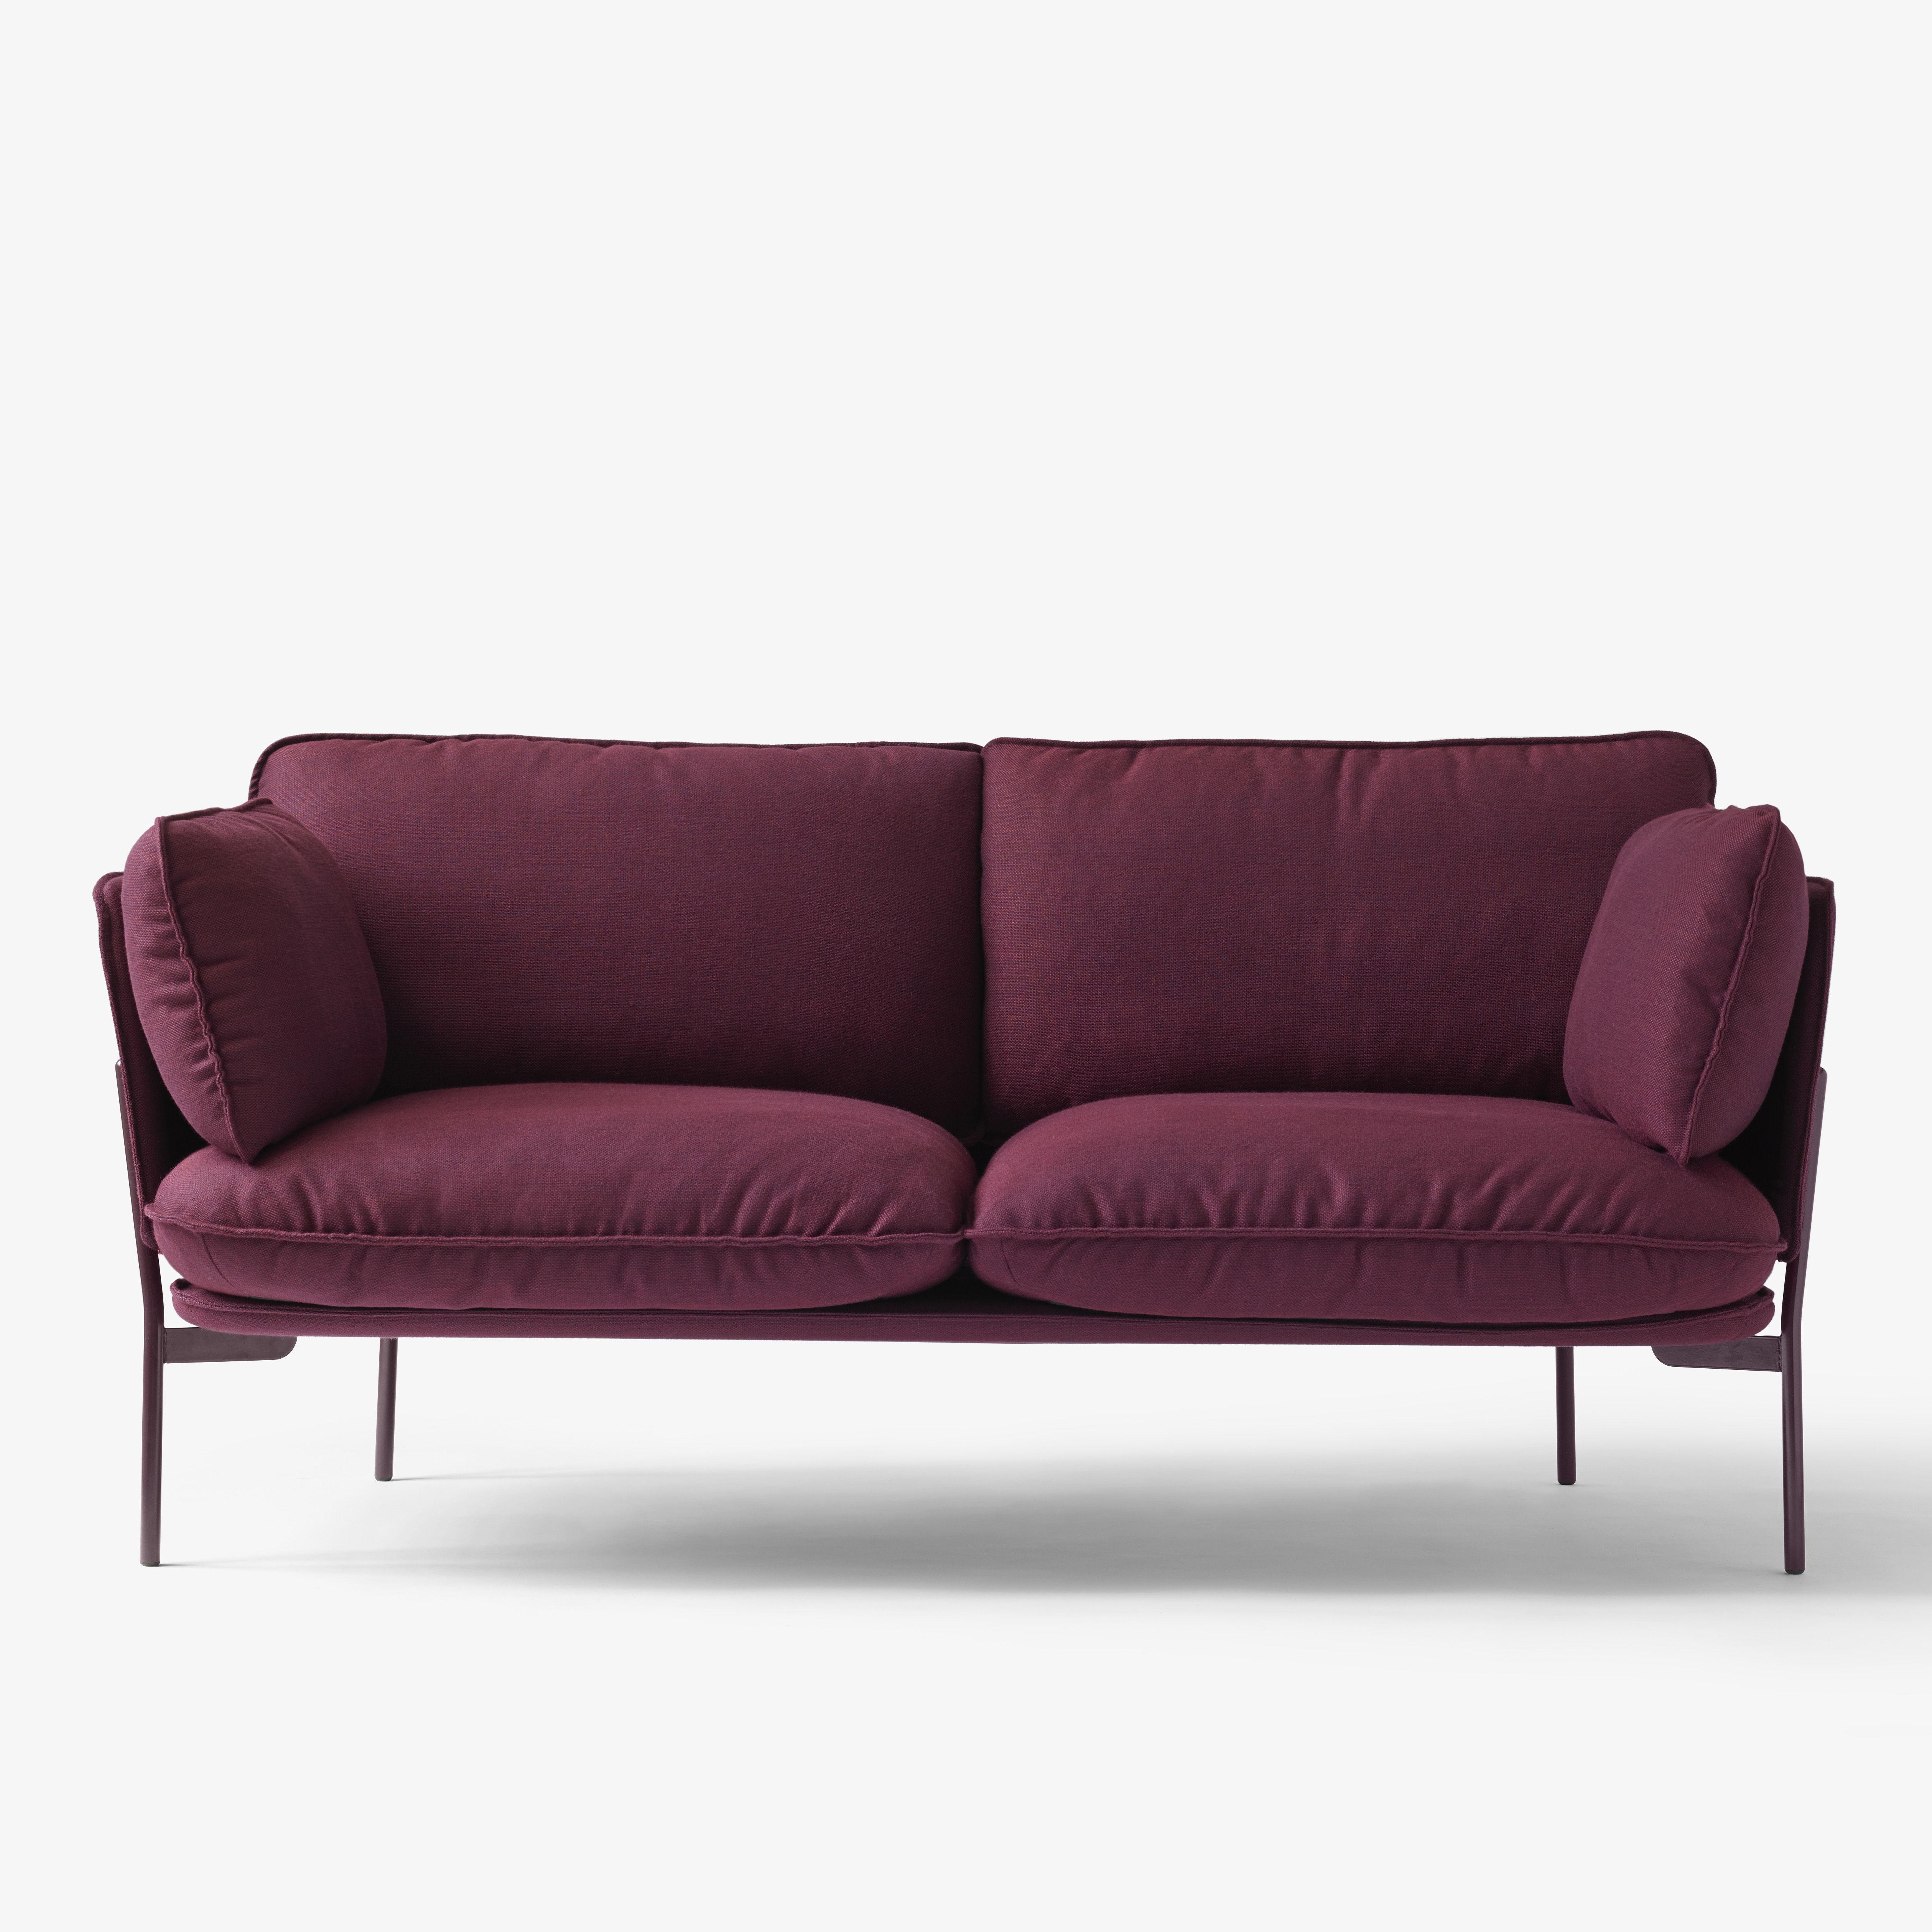 canap droit cloud ln2 2 places l 168 cm bleu nuit. Black Bedroom Furniture Sets. Home Design Ideas